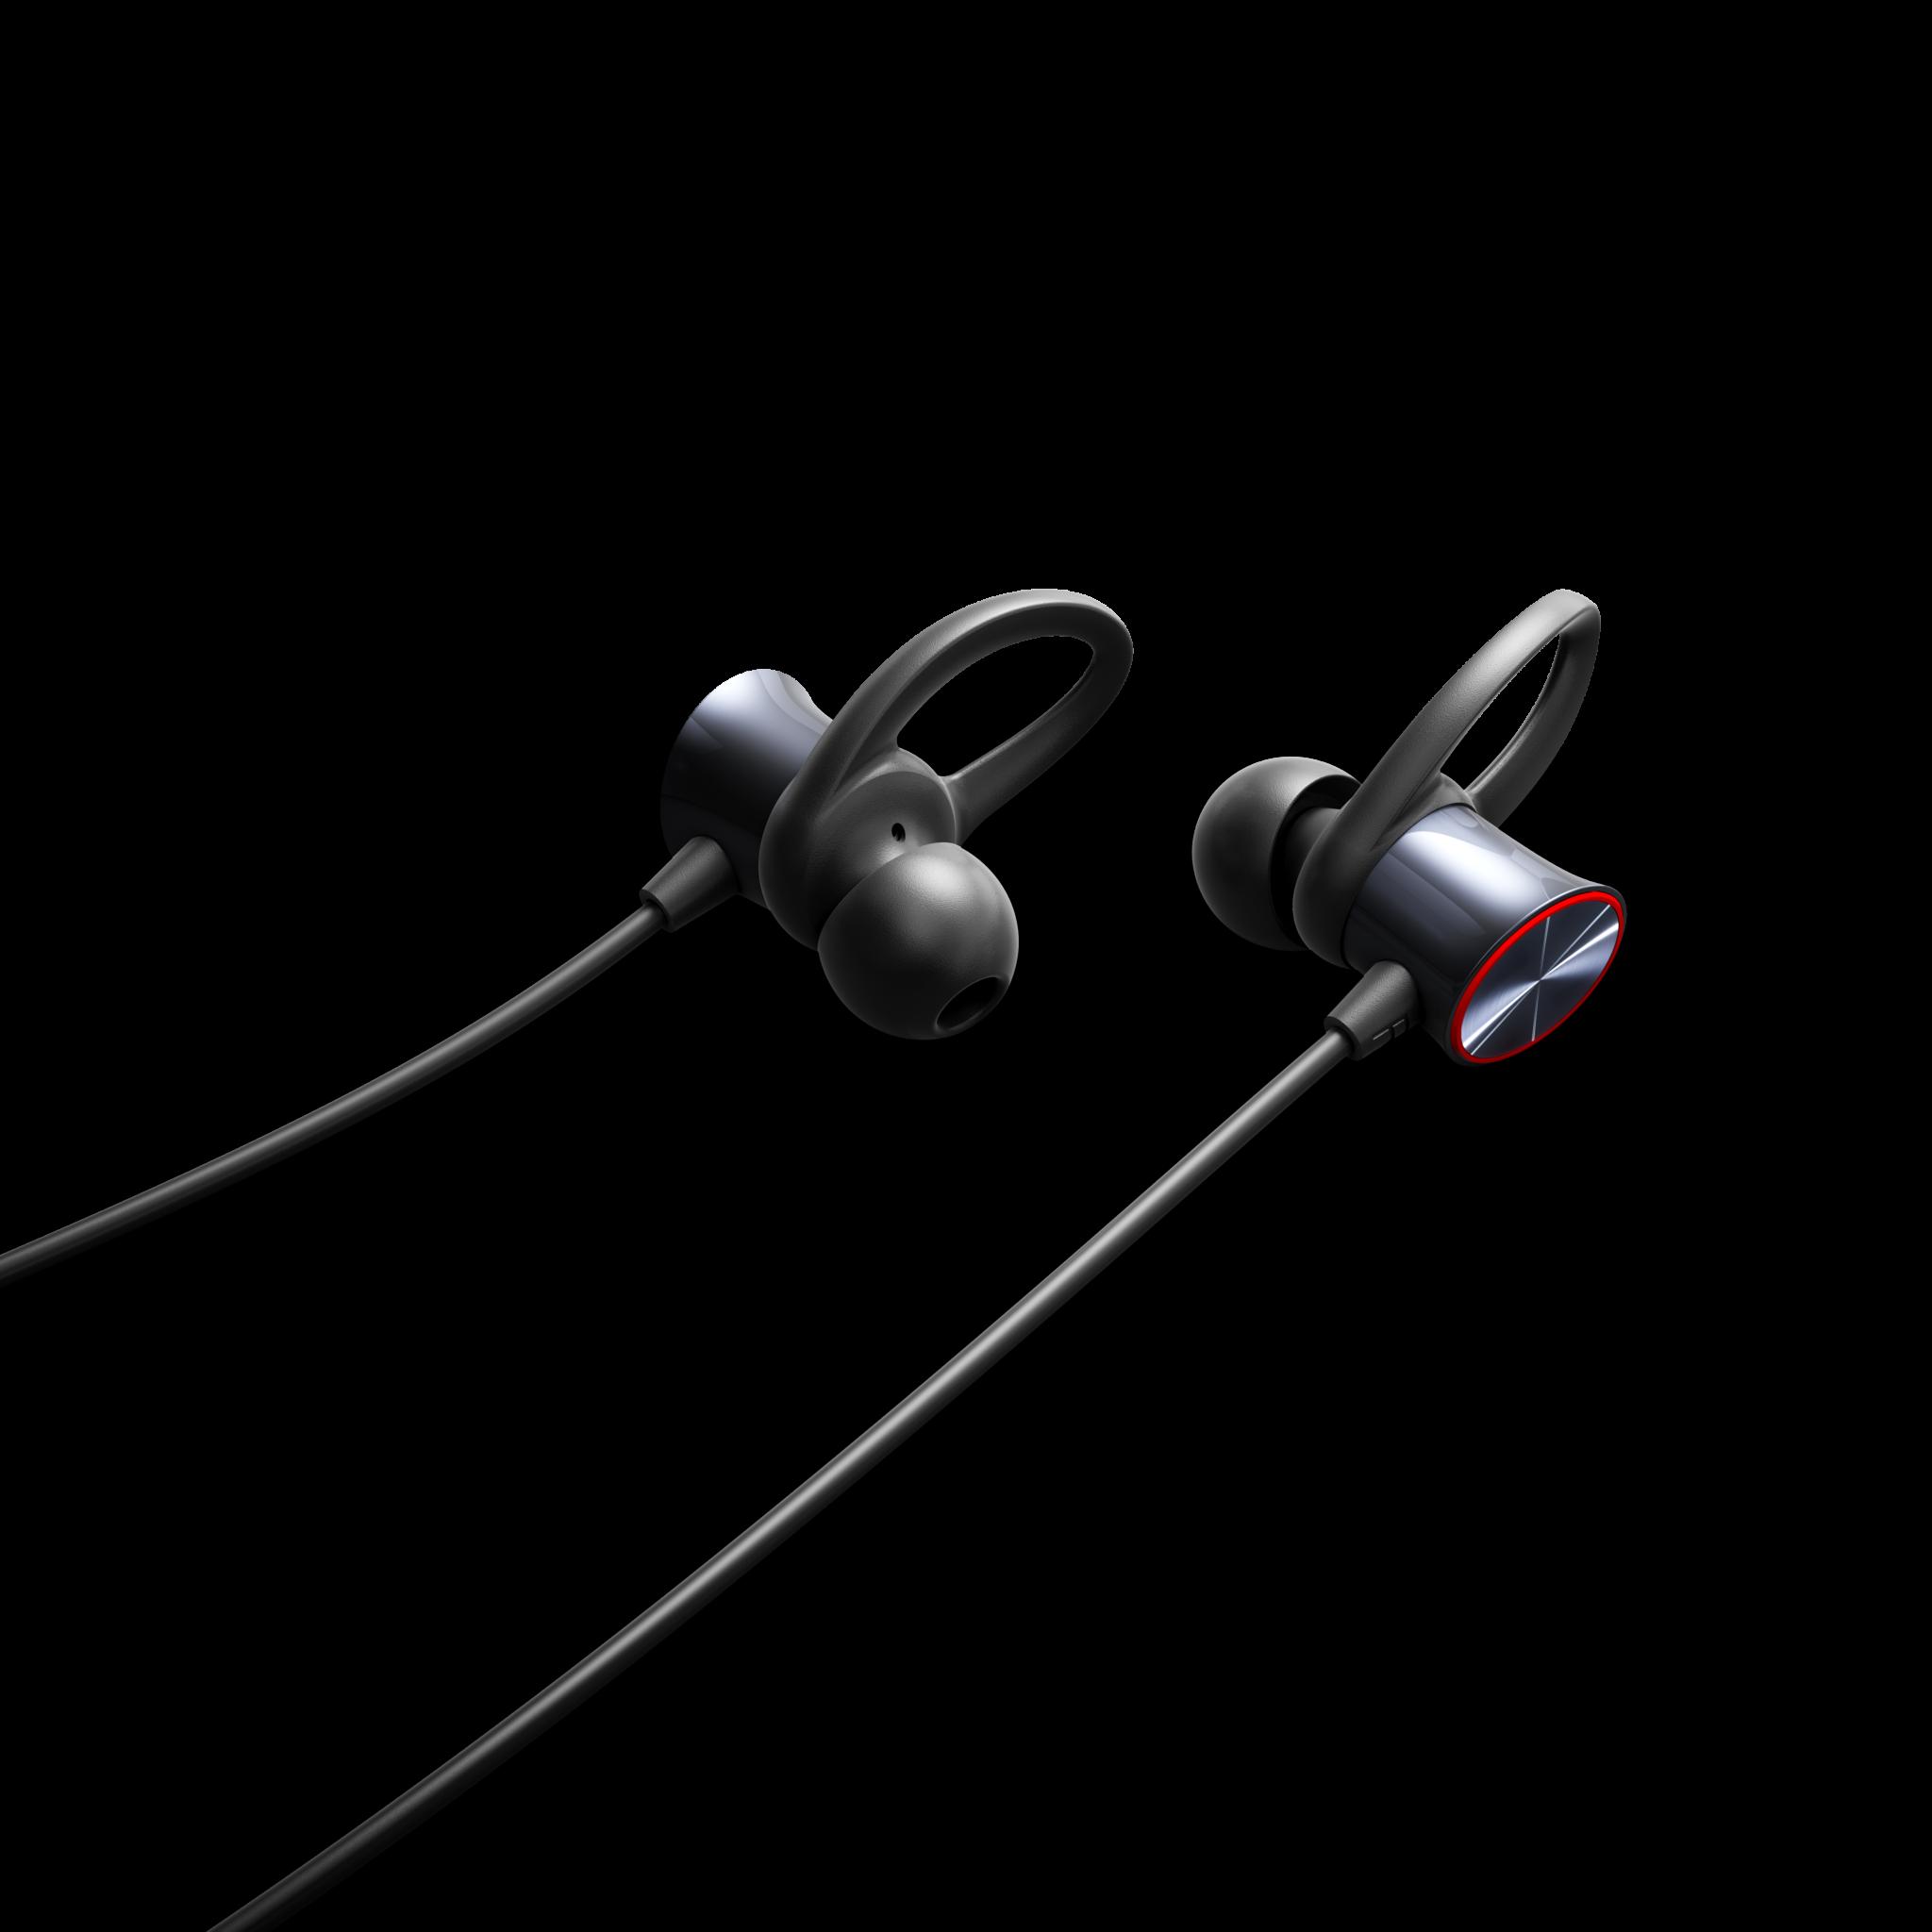 Představena bezdrátová sluchátka OnePlus Bullets Wireless